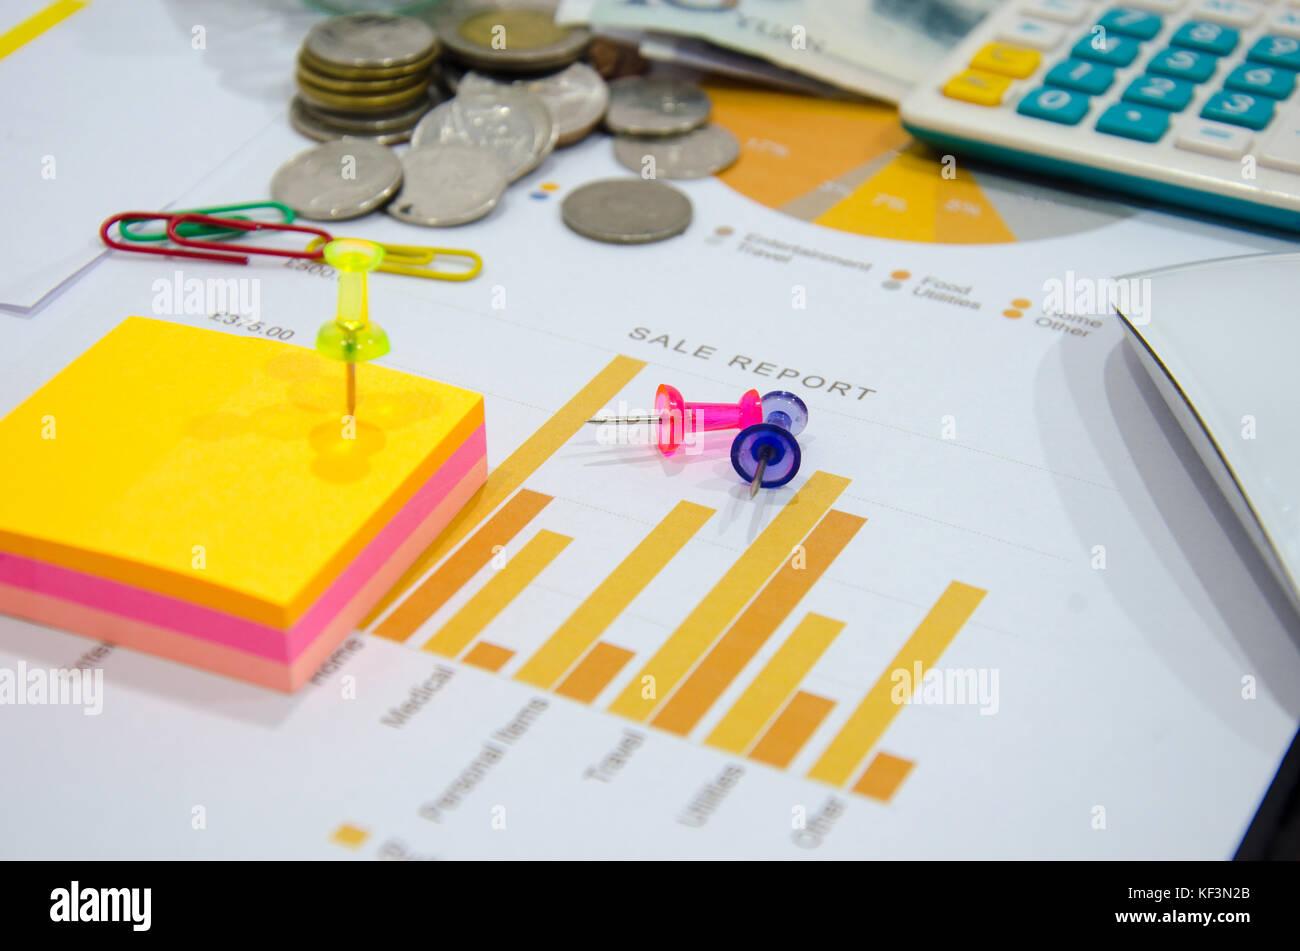 Documenti aziendali su tavola con il mouse del computer e monete e grafico schema finanziario. Immagini Stock